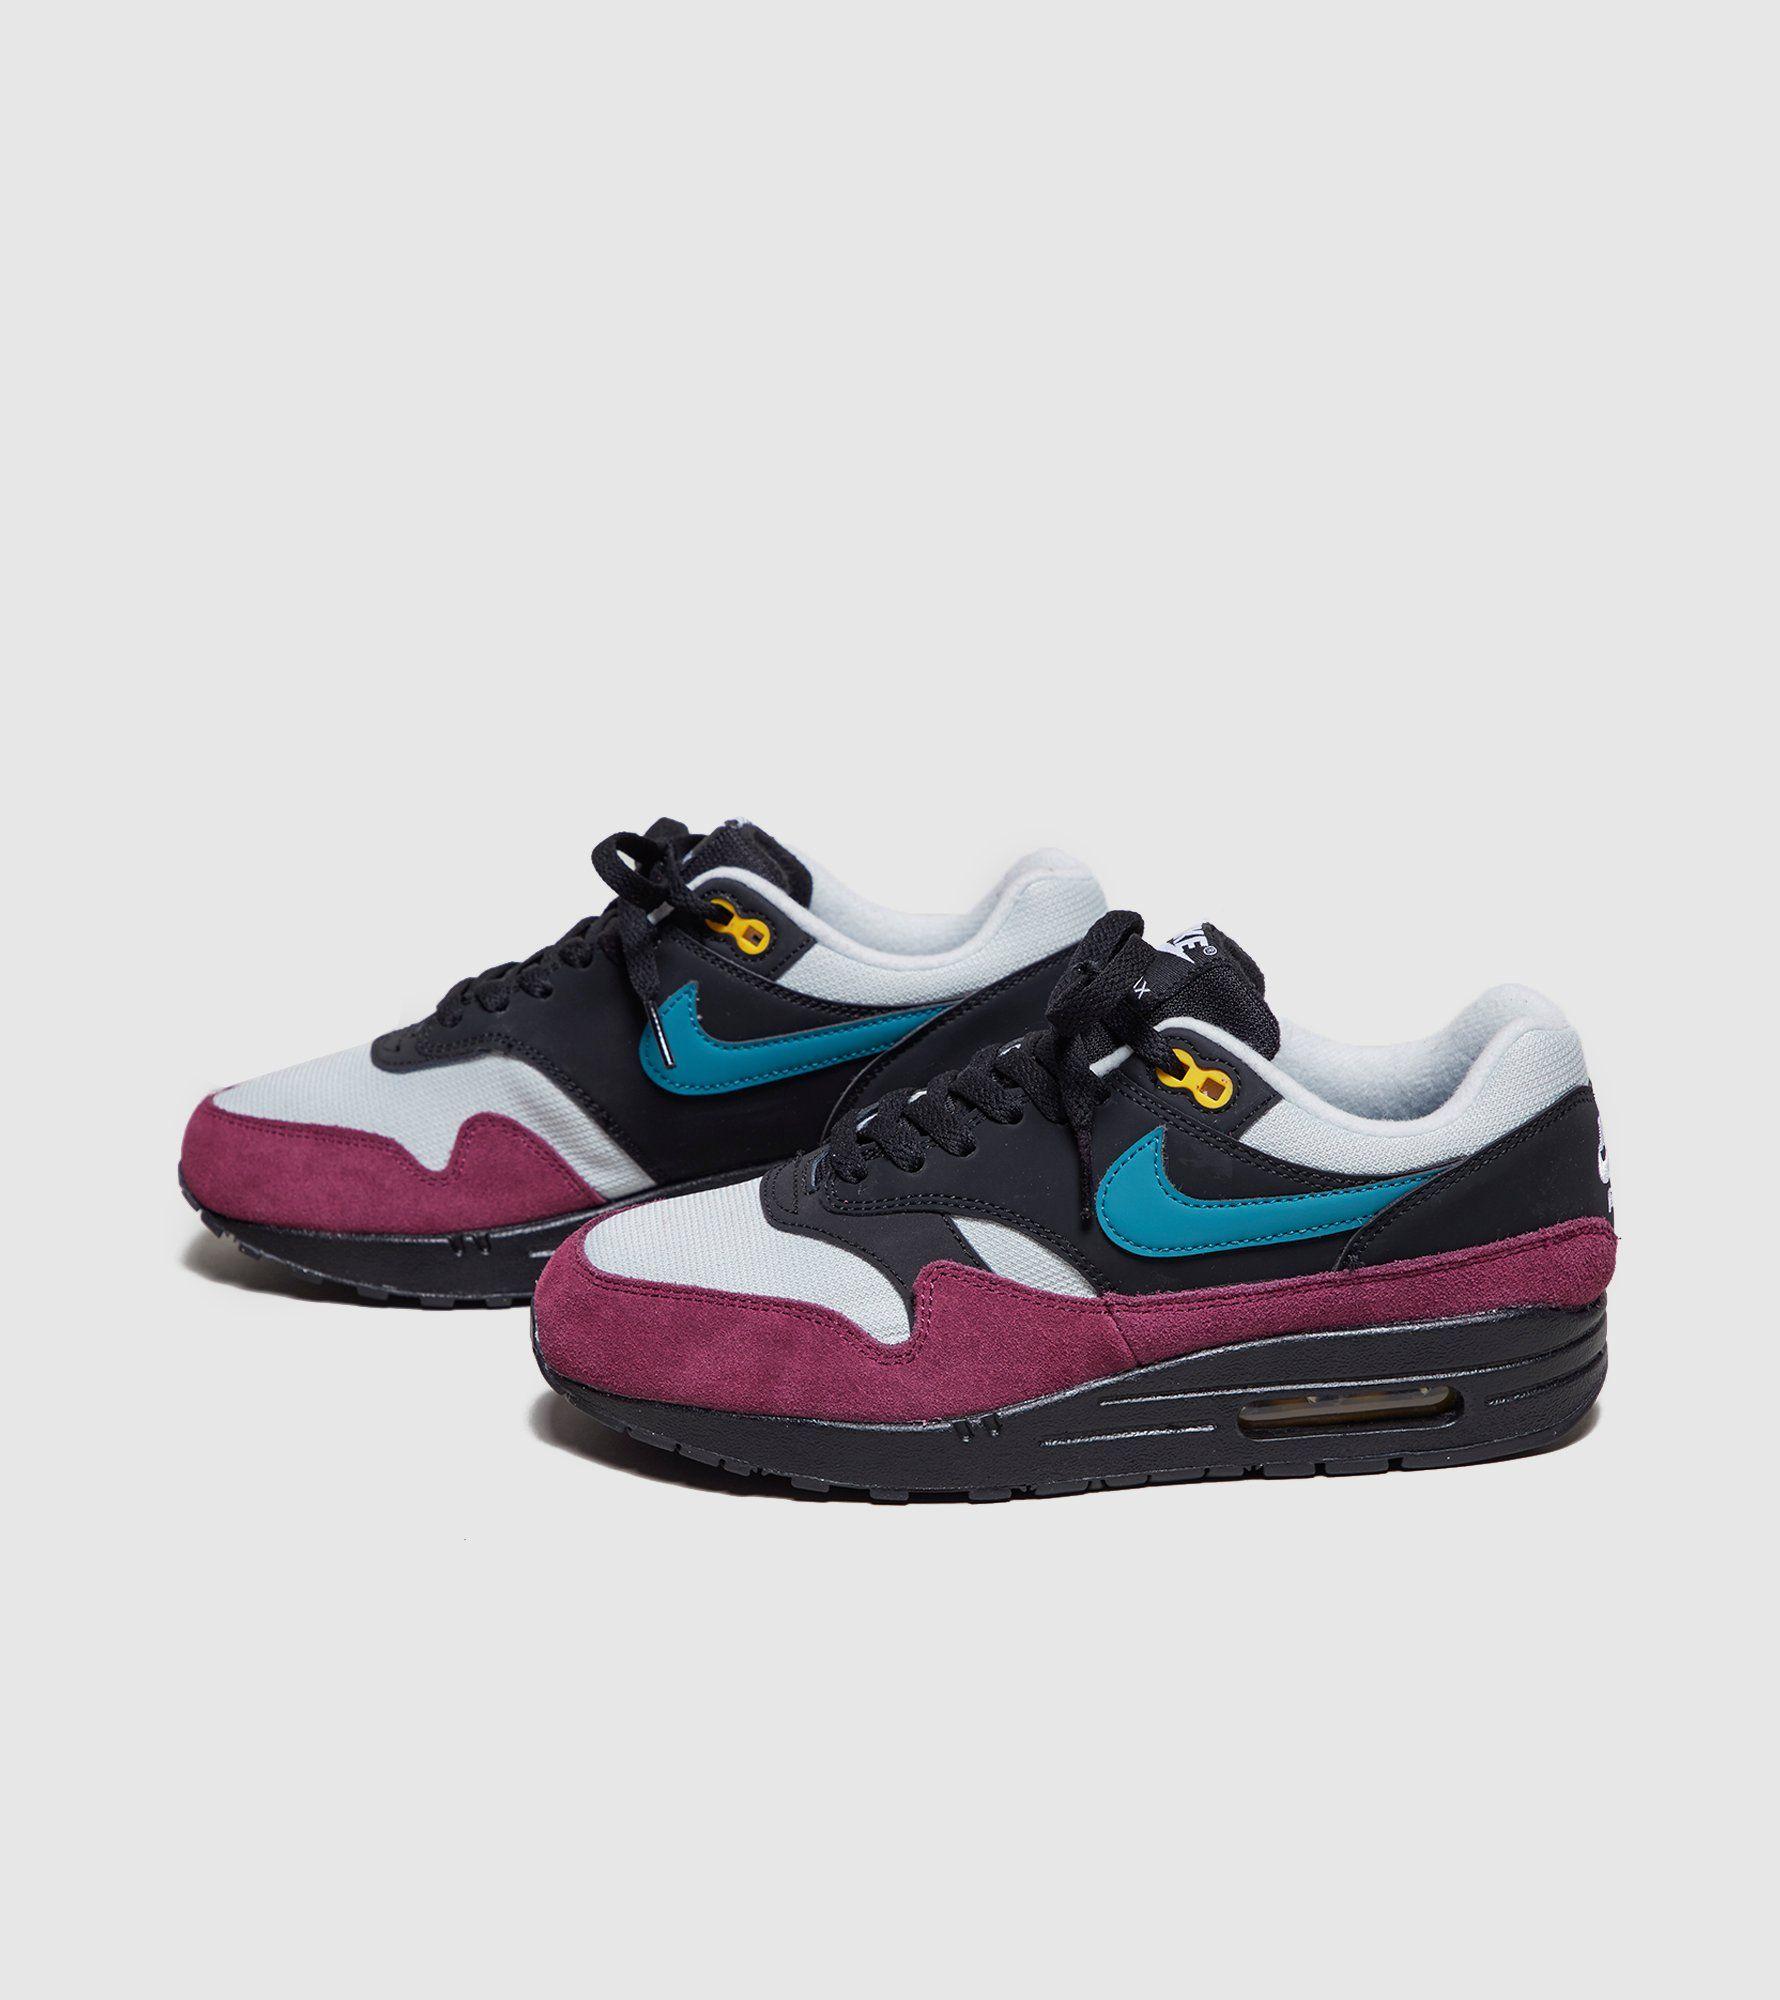 Nike Air Max 1 OG Women's